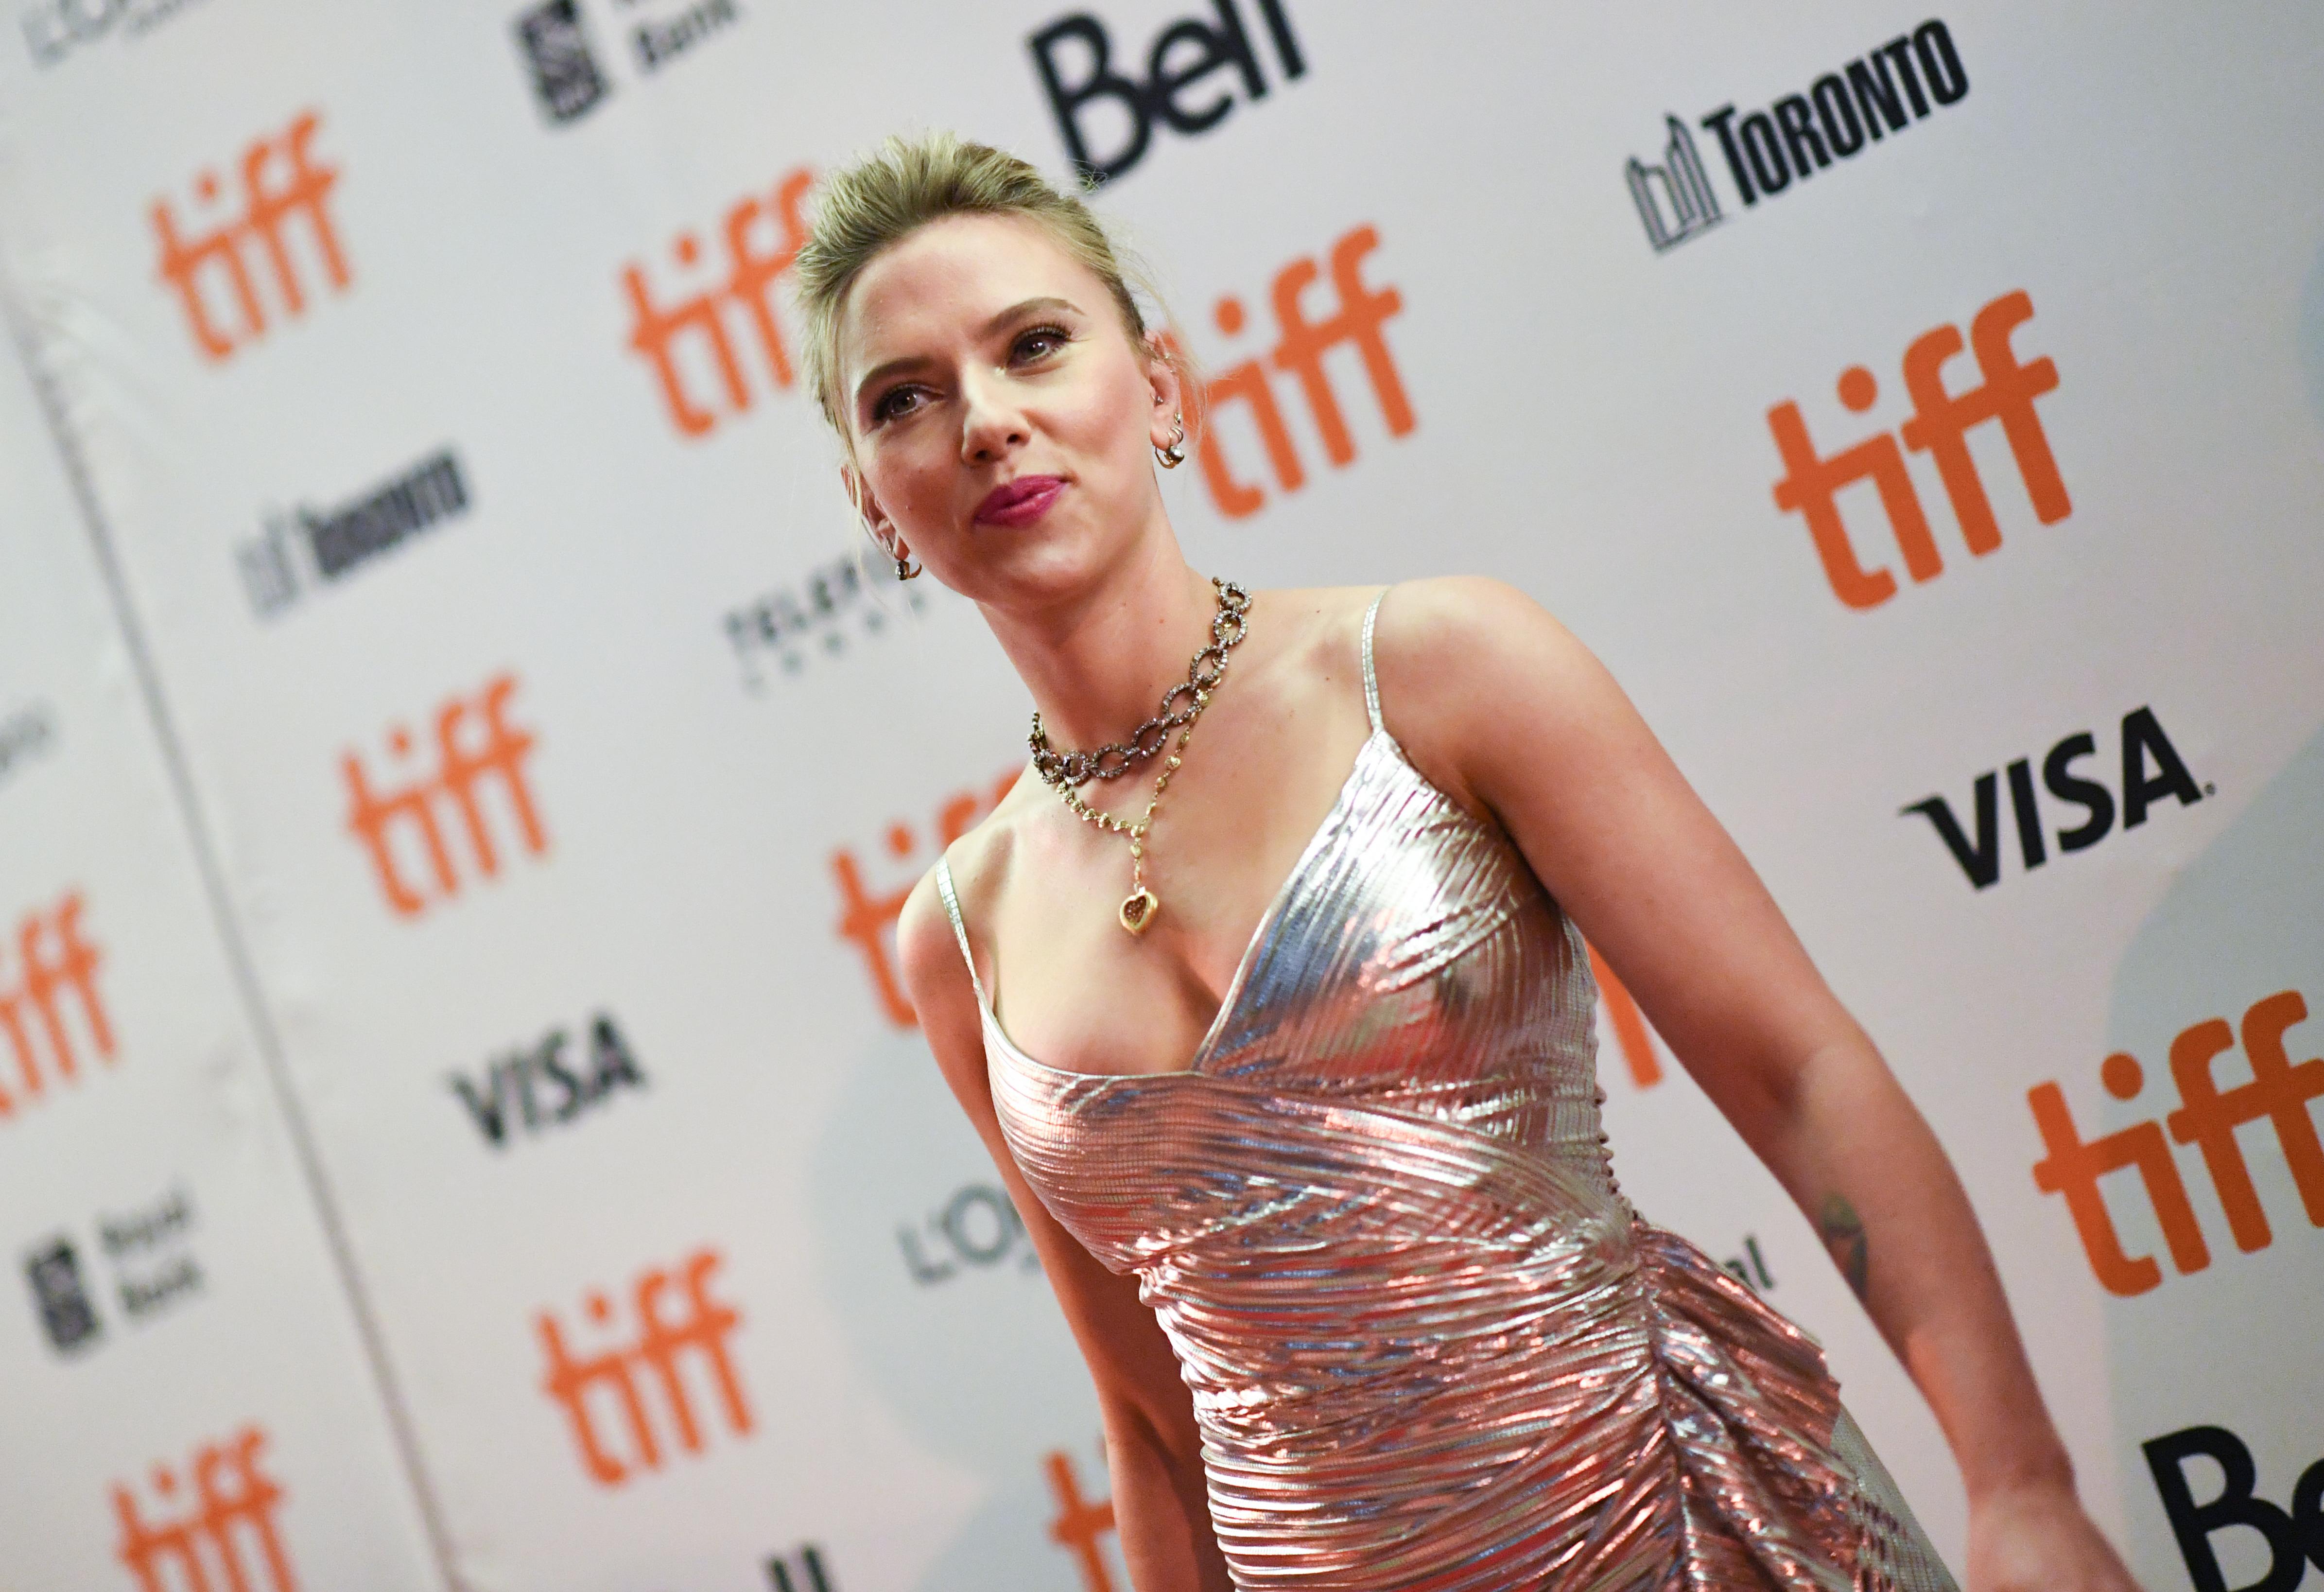 Mooiste vrouwen wetenschap Scarlett Johansson